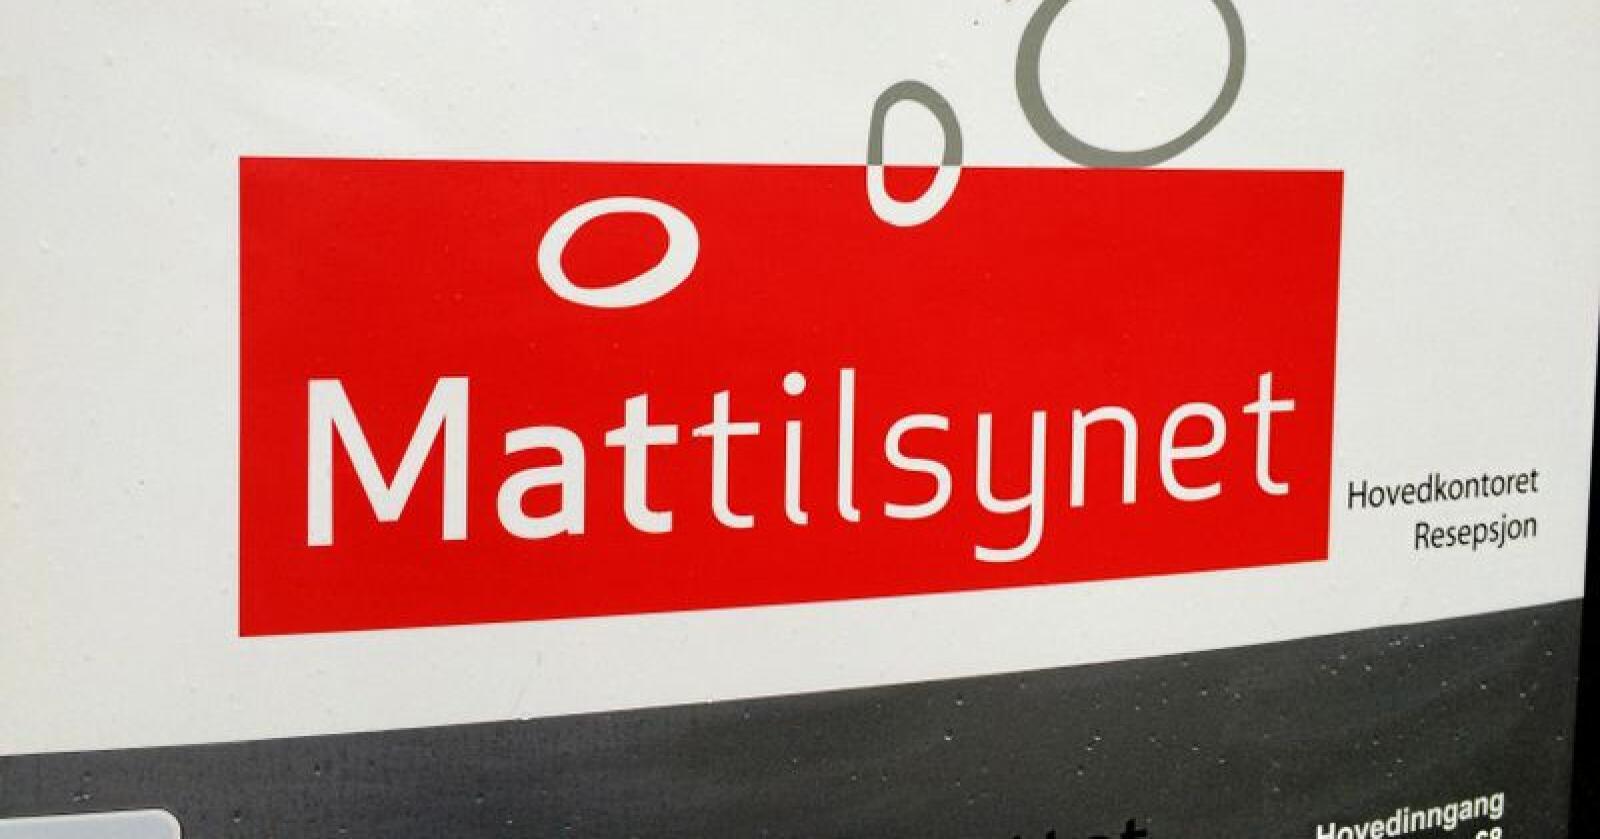 Det har stormet rundt Mattilsynet de siste månedene. Foto: Svein Egil Hatlevik